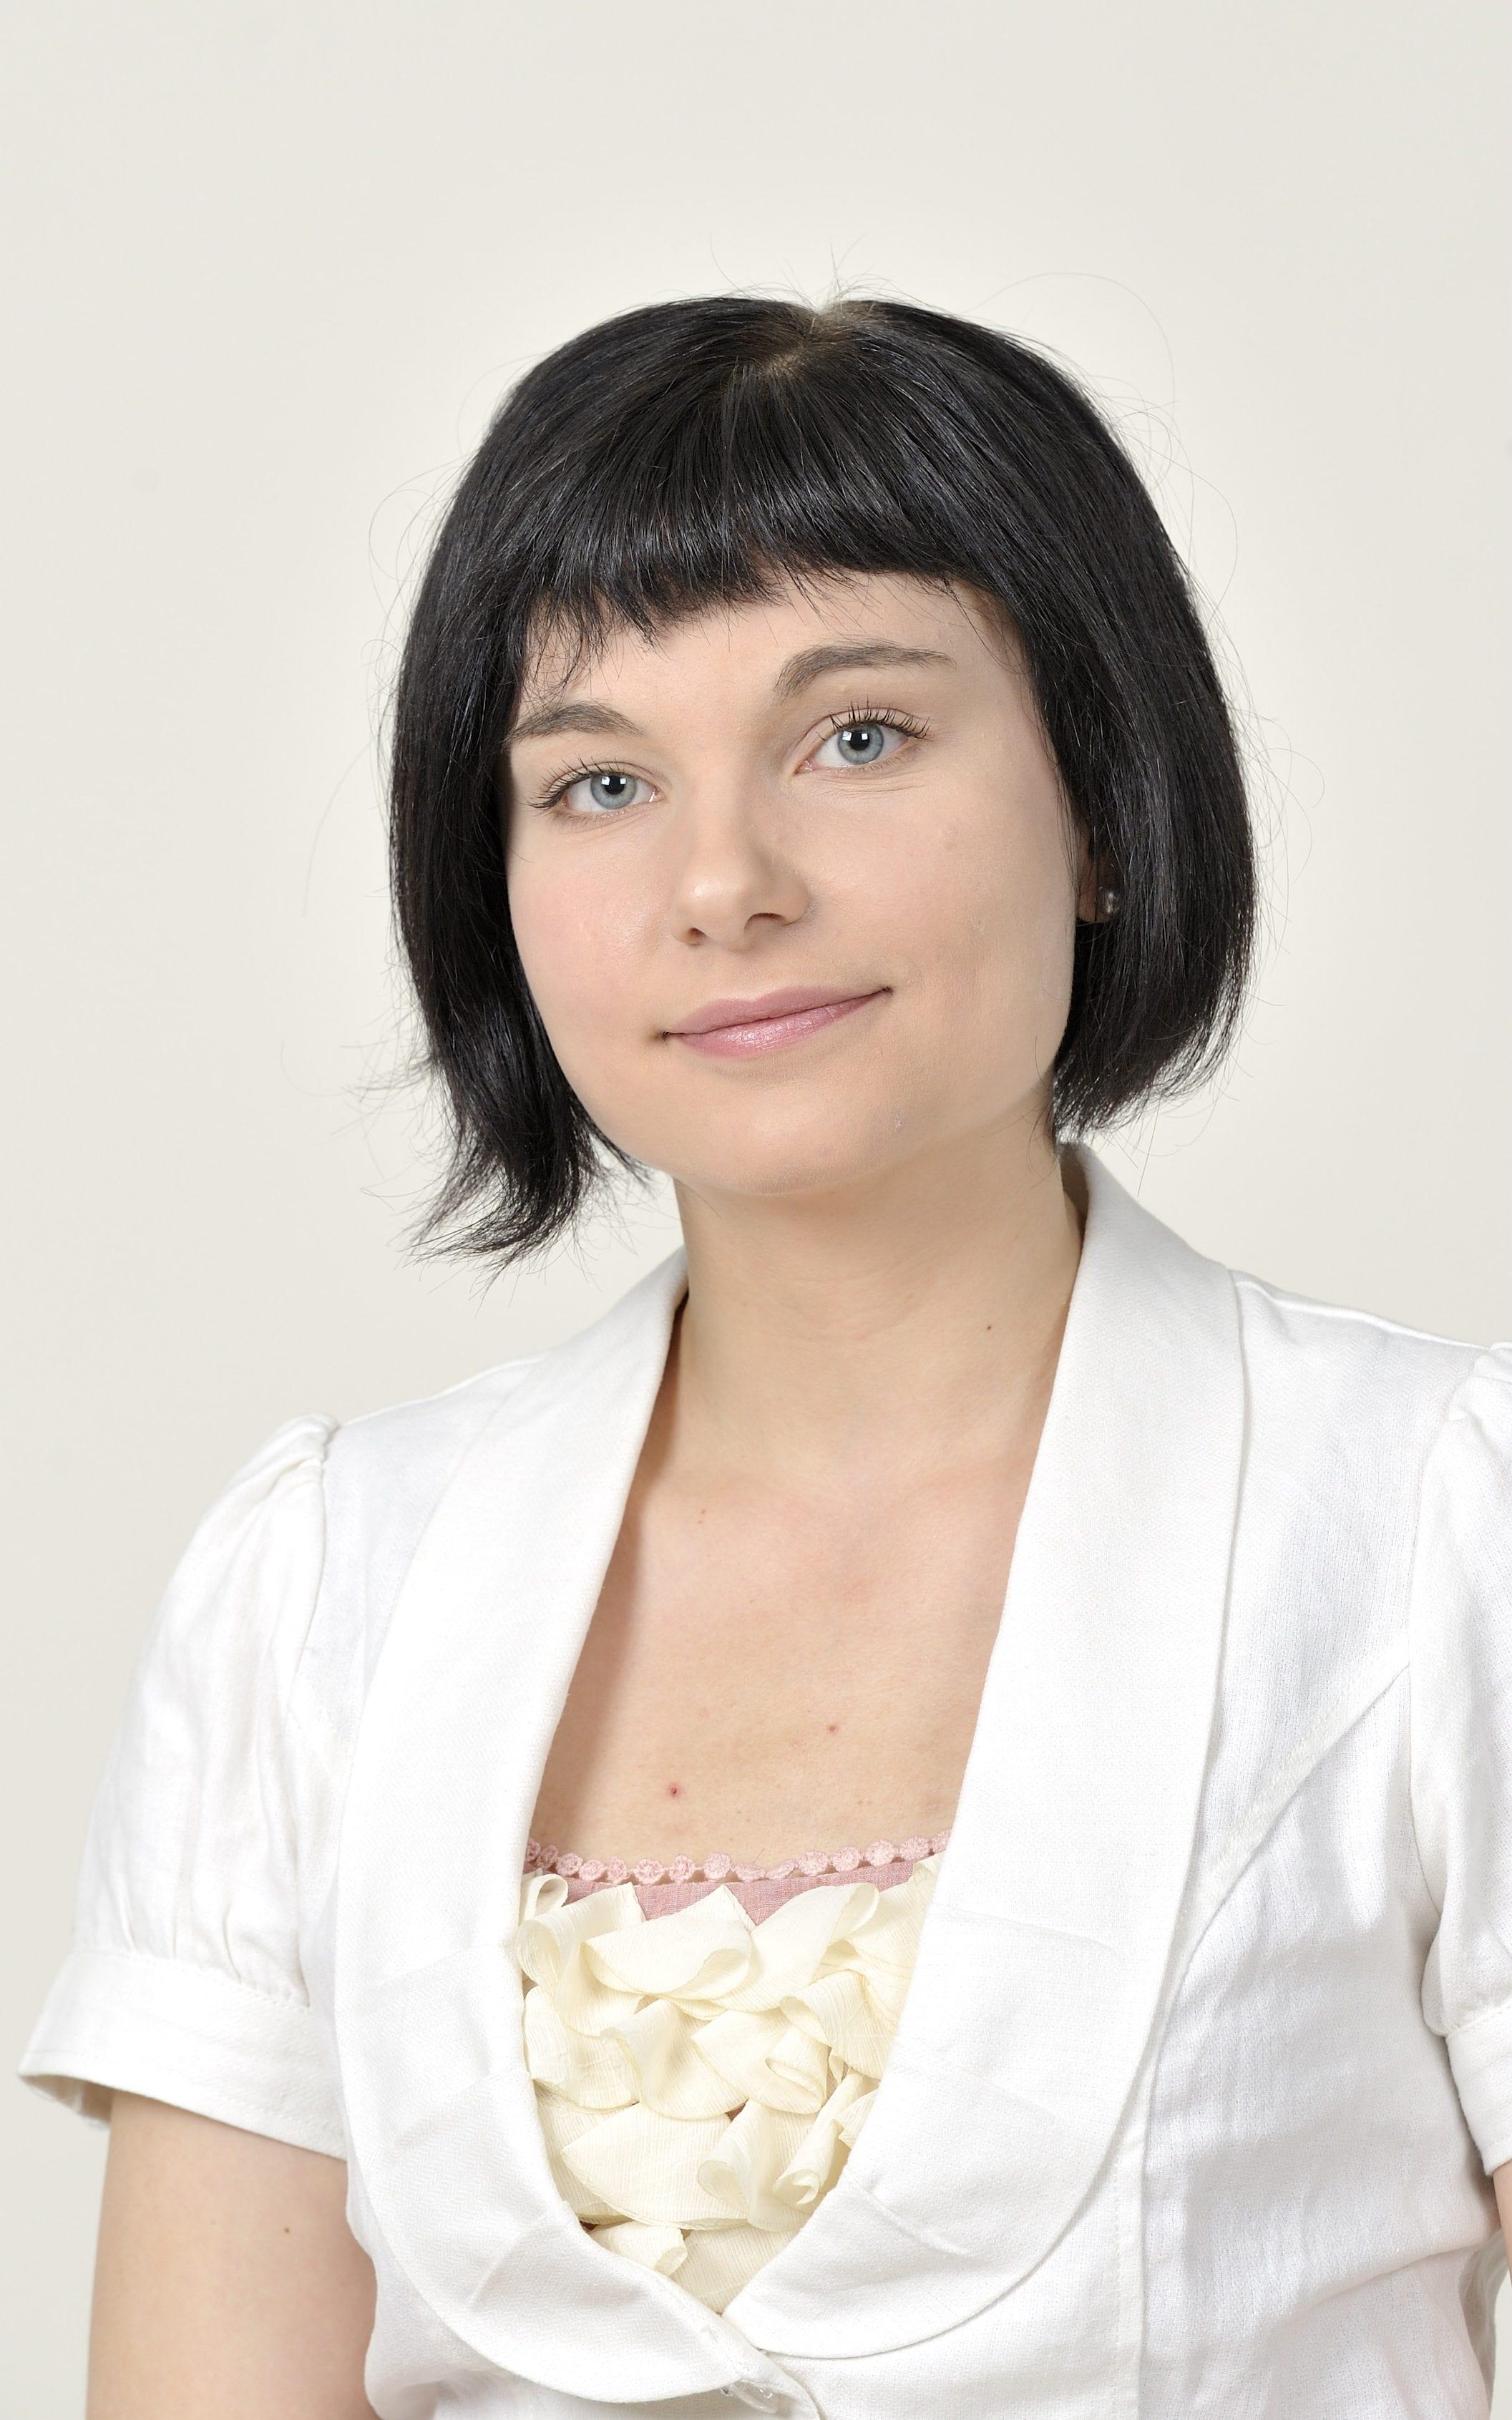 Salla Salmela STT-Lehtikuvan kesätoimittajakuvauksessa Voimatalossa Helsingissä, 16. toukokuuta 2011. LEHTIKUVA / PEKKA SAKKI